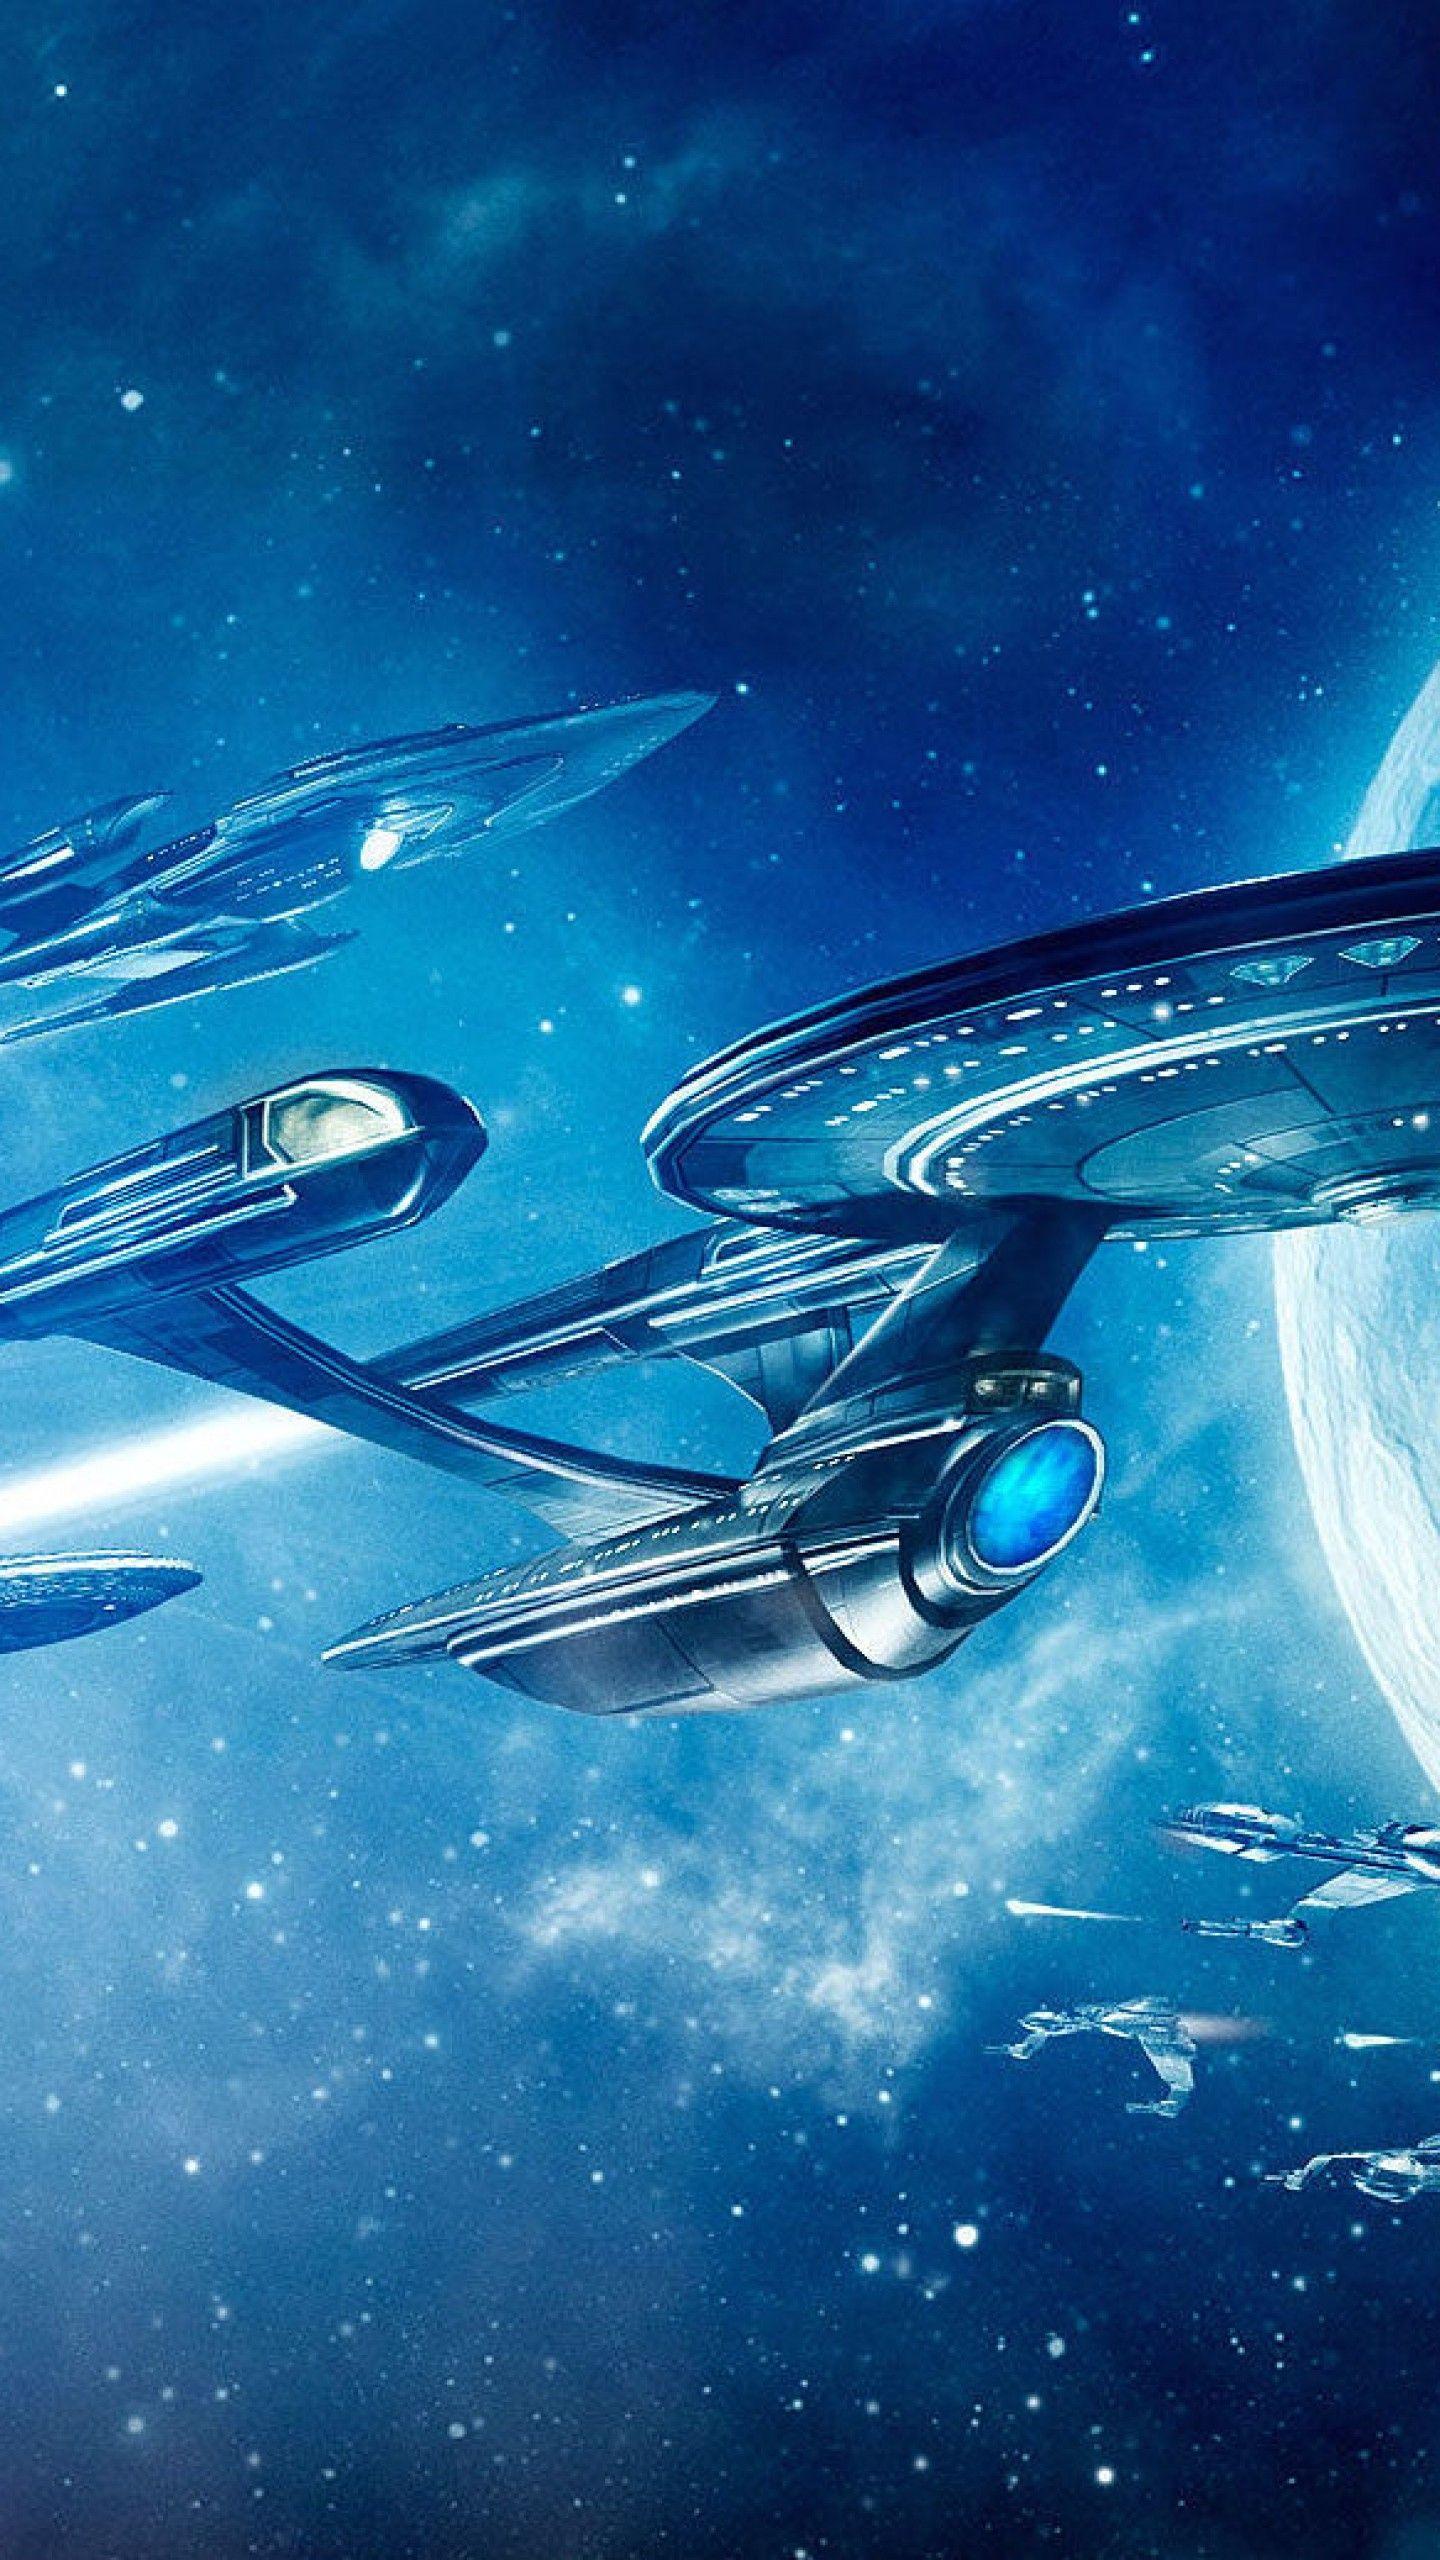 Star Trek Wallpaper Android (71+ images) Star trek